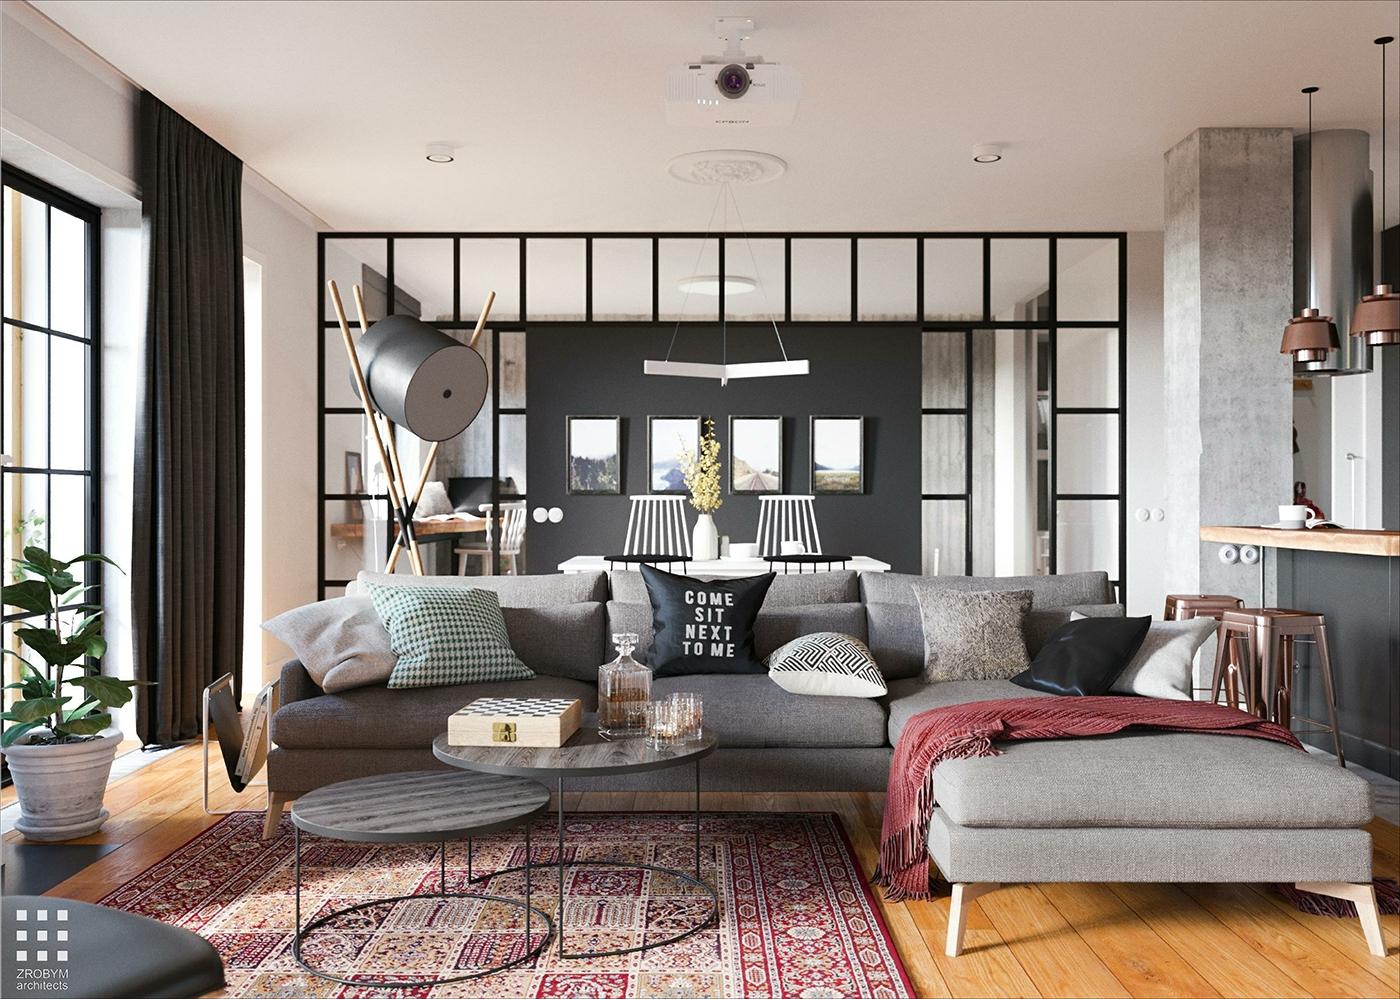 Uși verzi, bucătărie neagră și accente gri într-un proiect de amenajare pentru un apartament de 96 m²